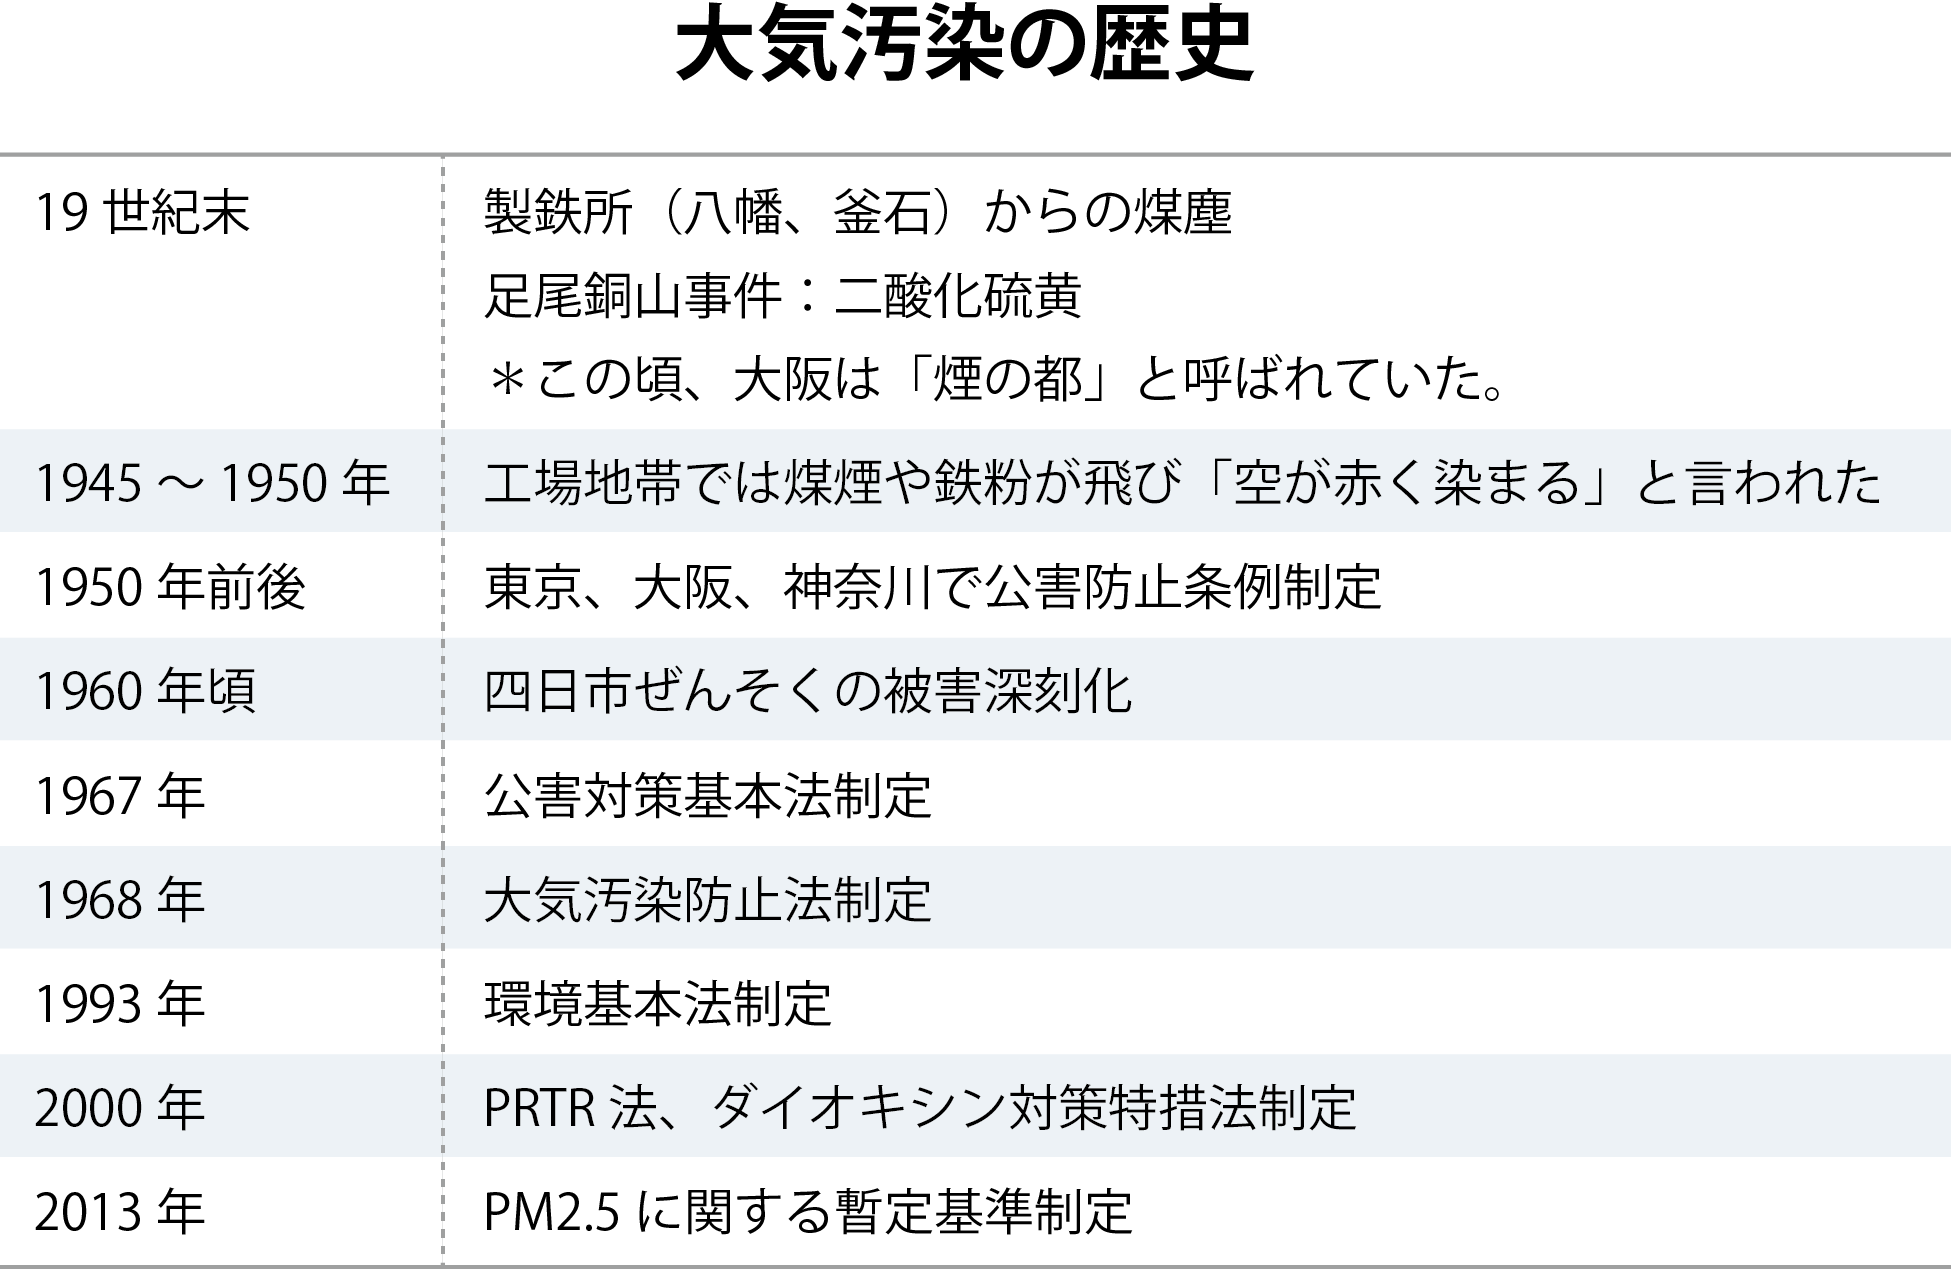 井上先生コラム1-1